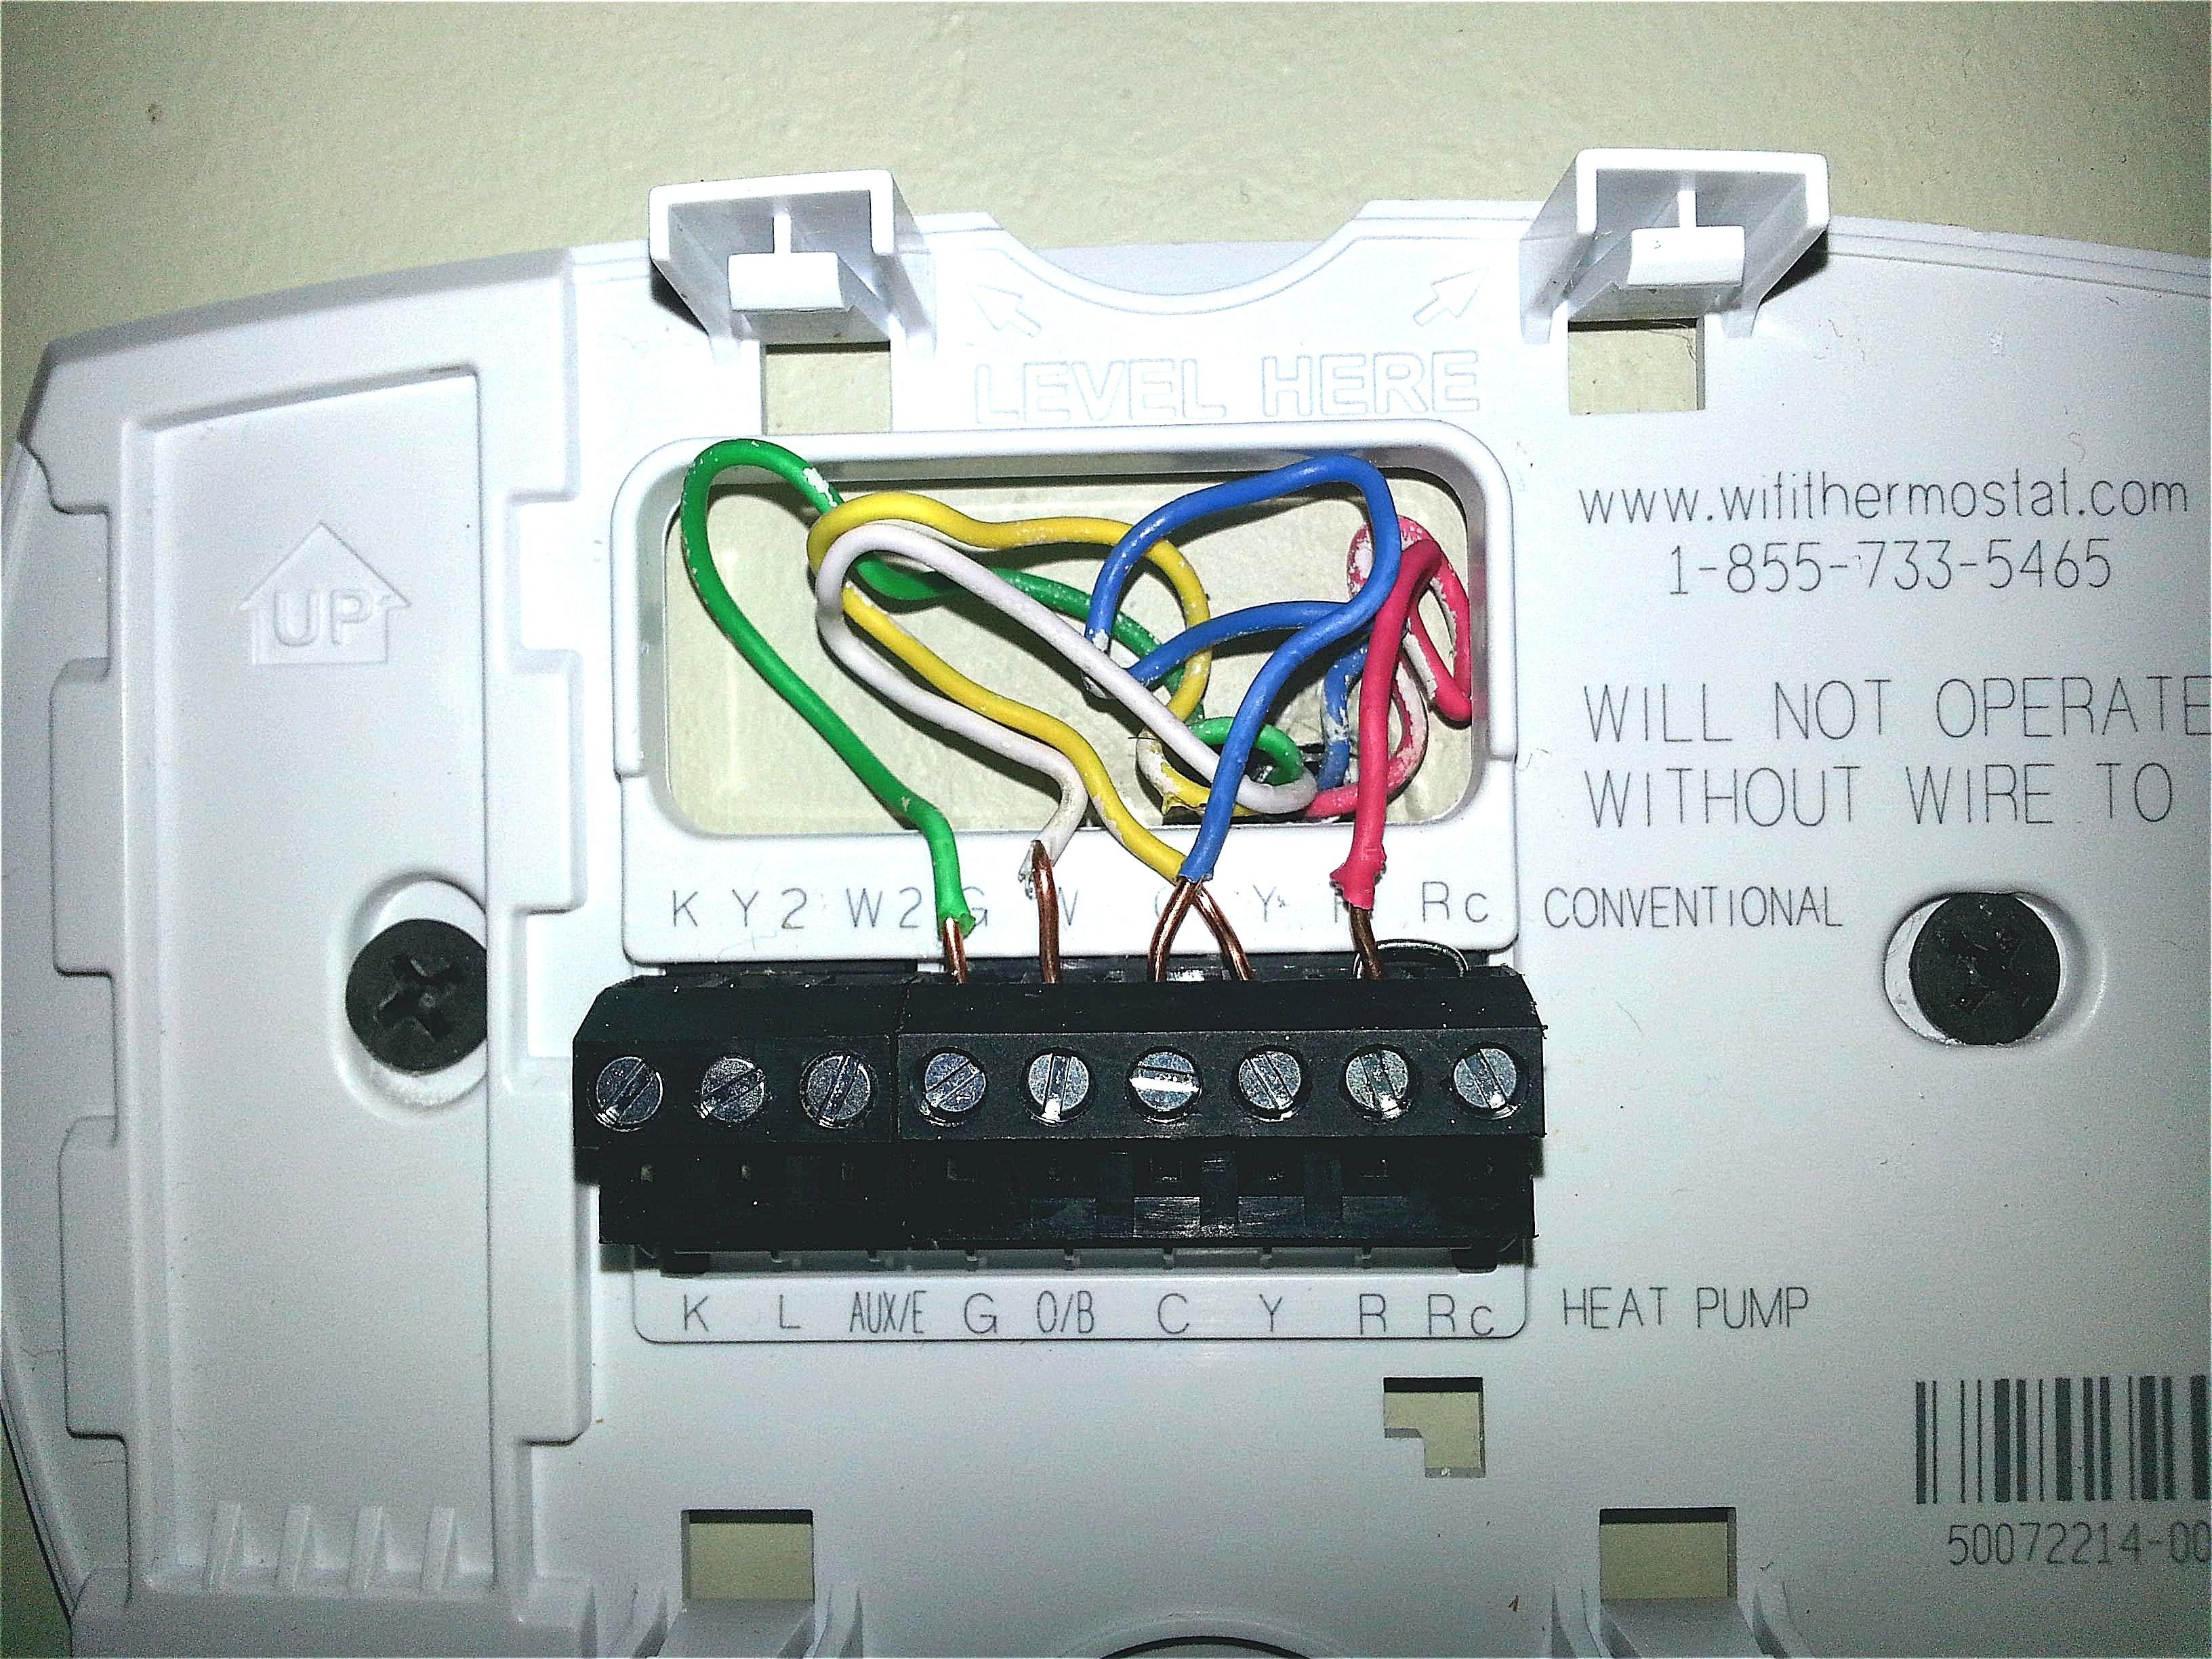 honeywell th8110u1003 wiring diagram honeywell th4110d1007 wiring diagram